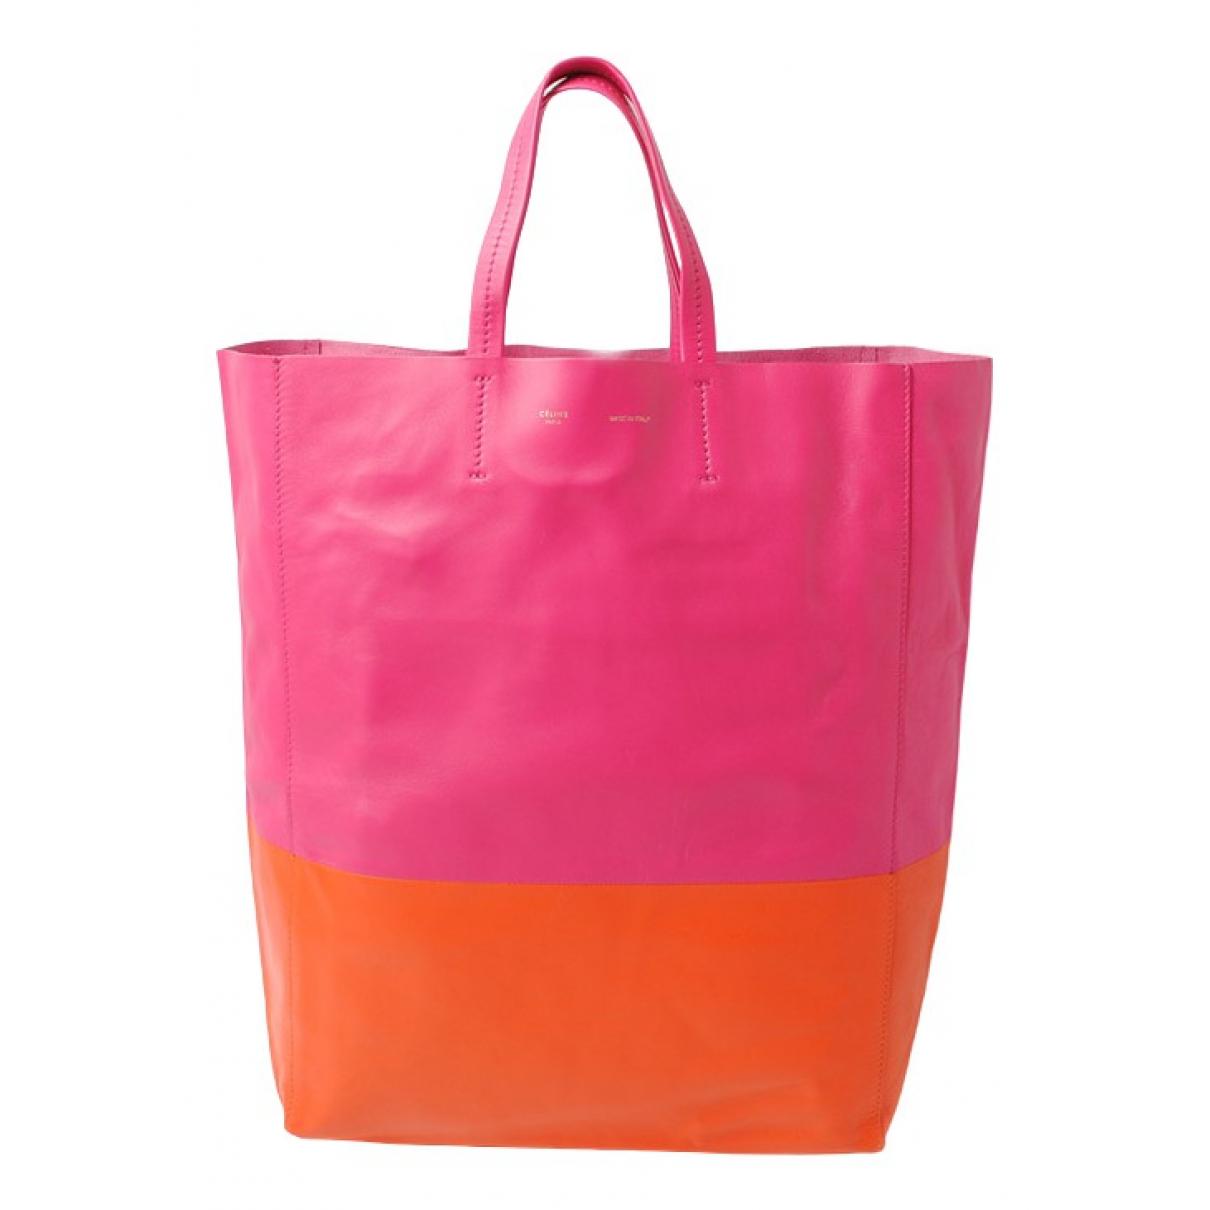 Celine Cabas Handtasche in  Orange Leder